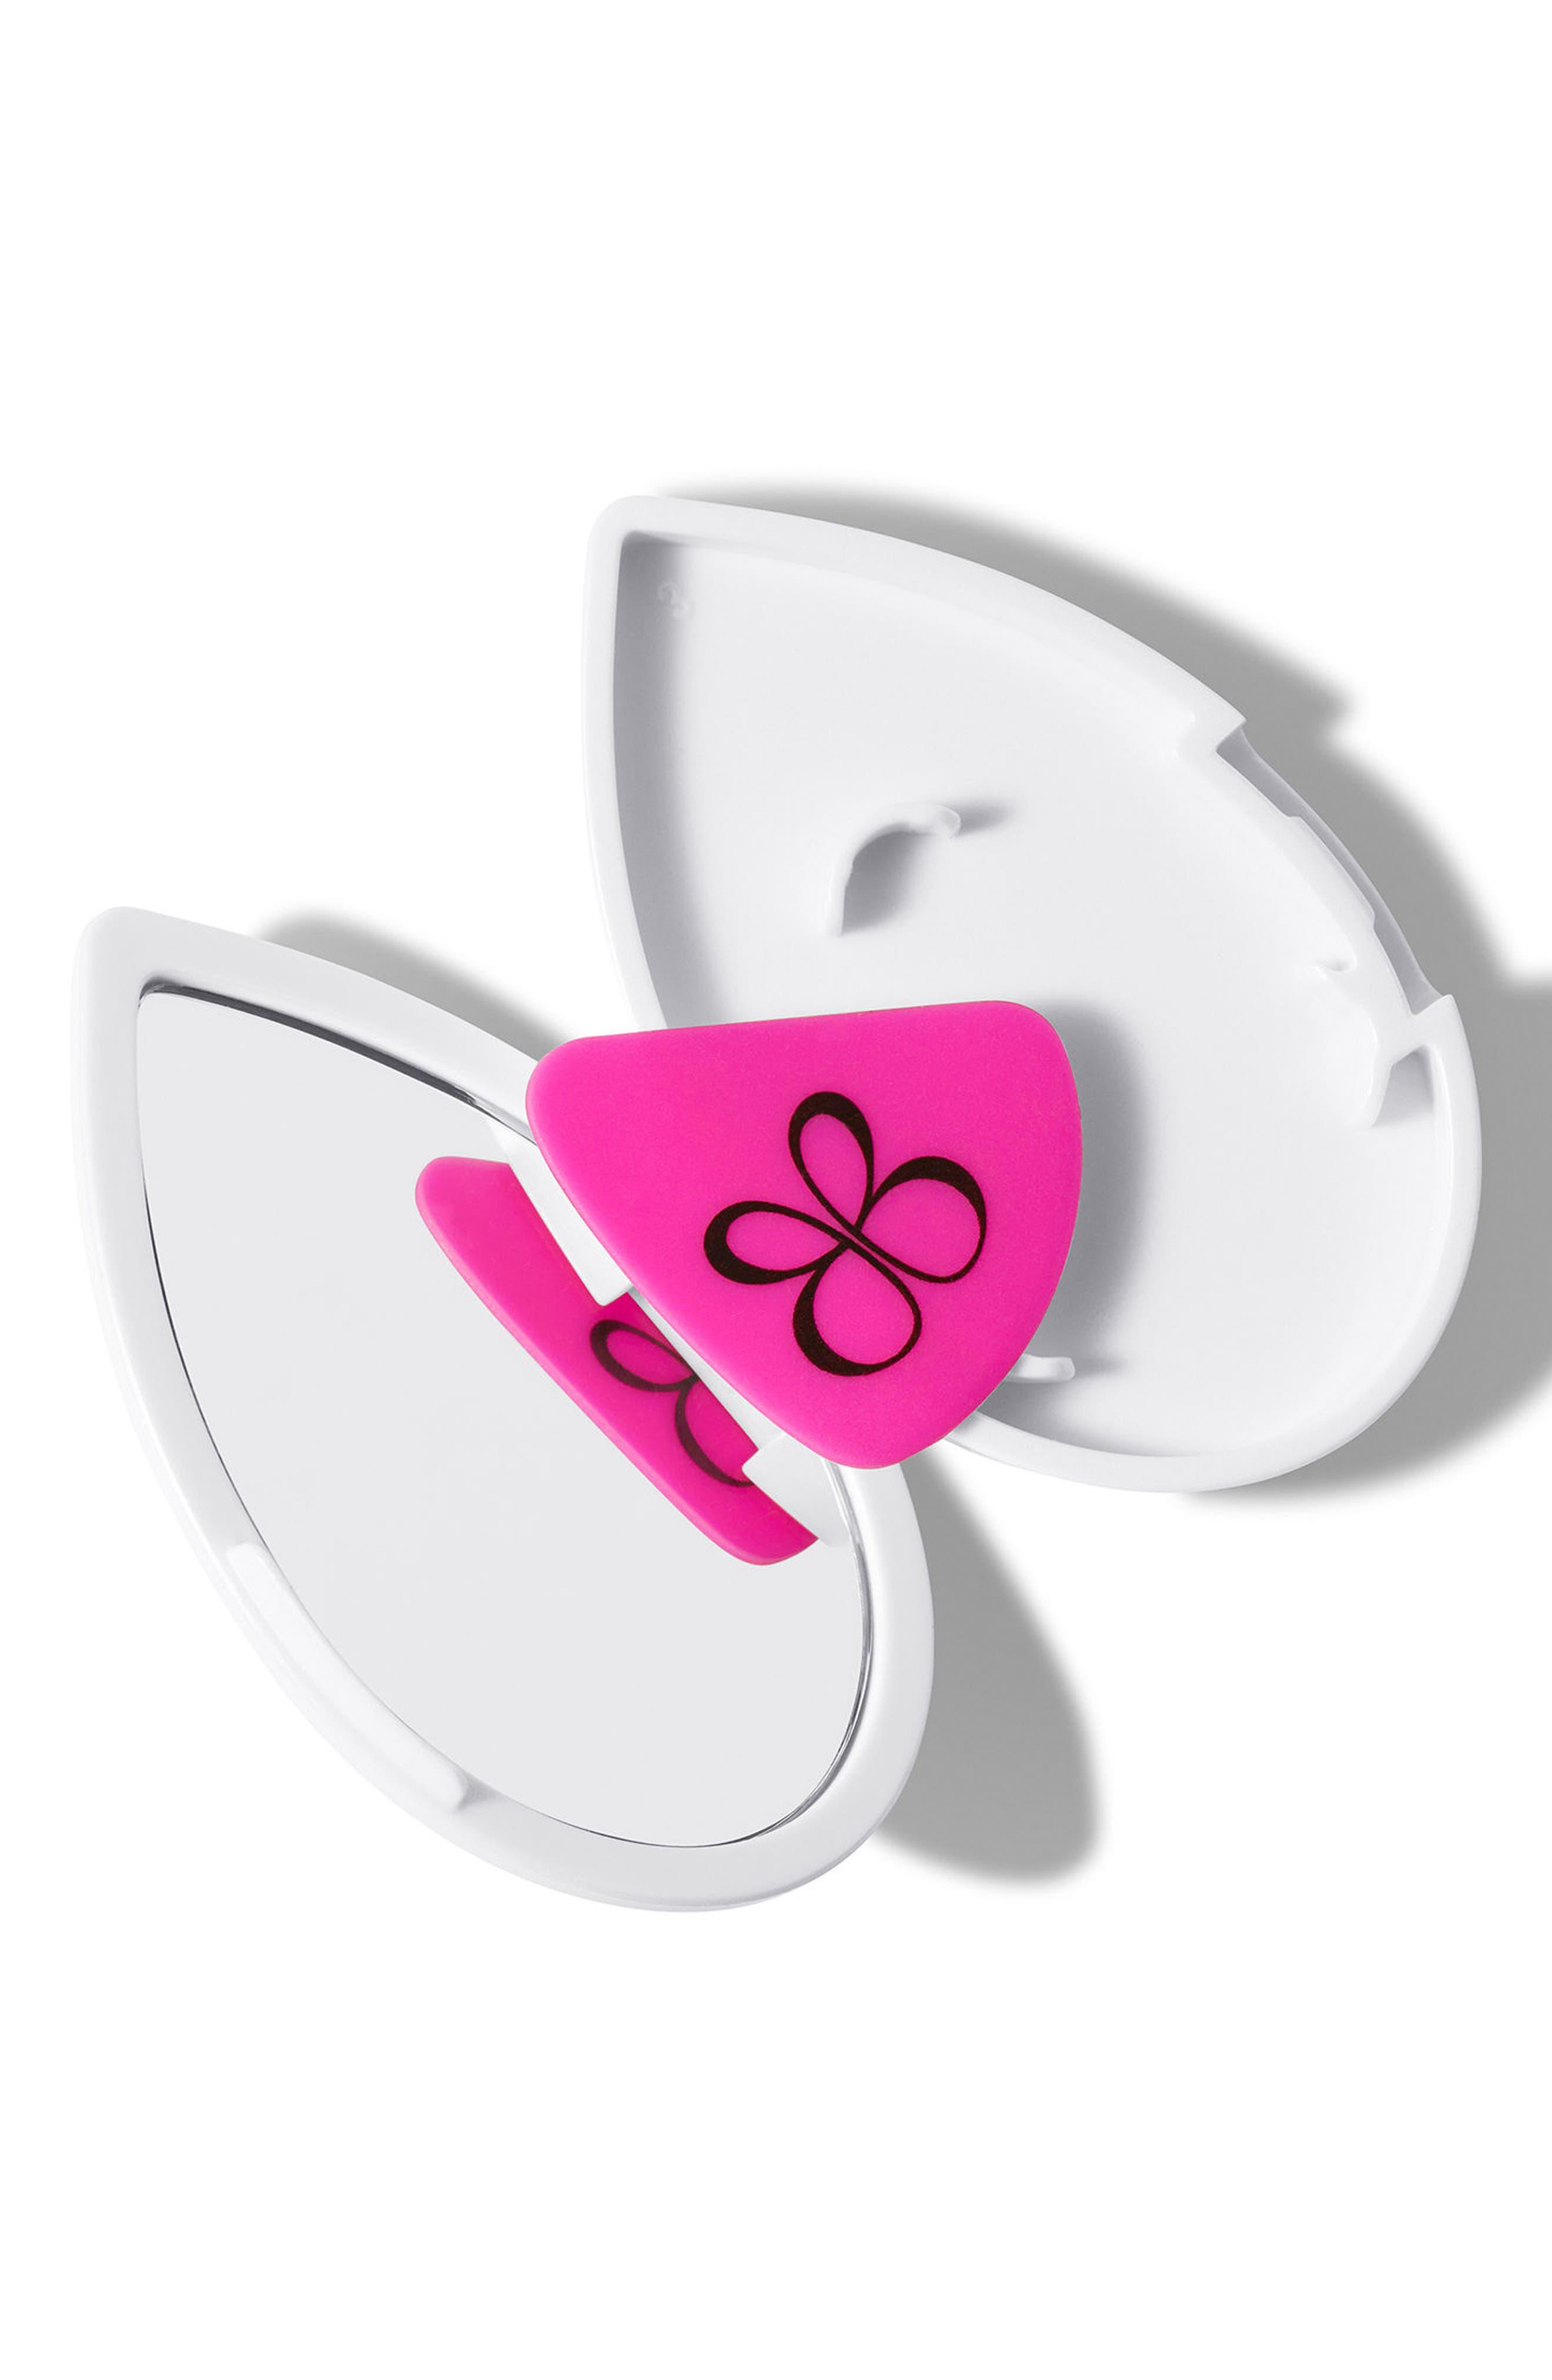 beautyblender: Beauty Blender Sponge & Accessories | Nordstrom